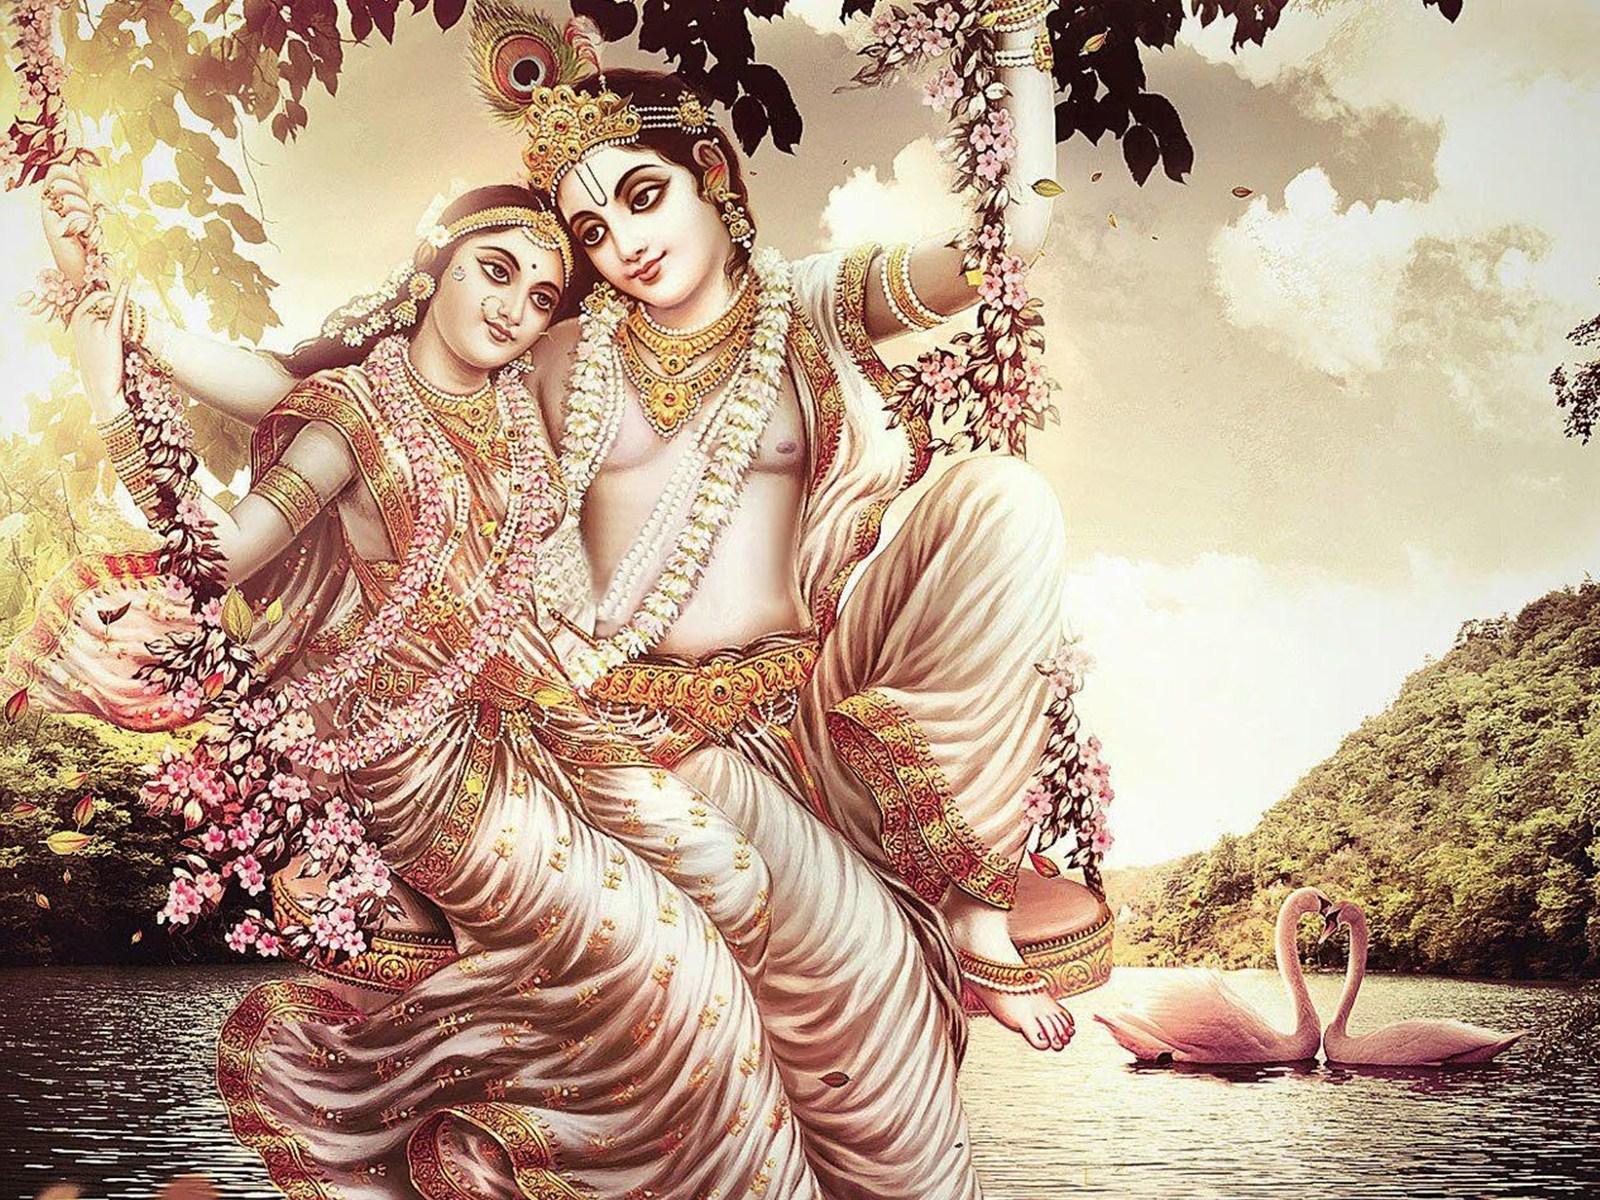 Krishna Radha Images Hd Best Radha Krishna Images Photos And